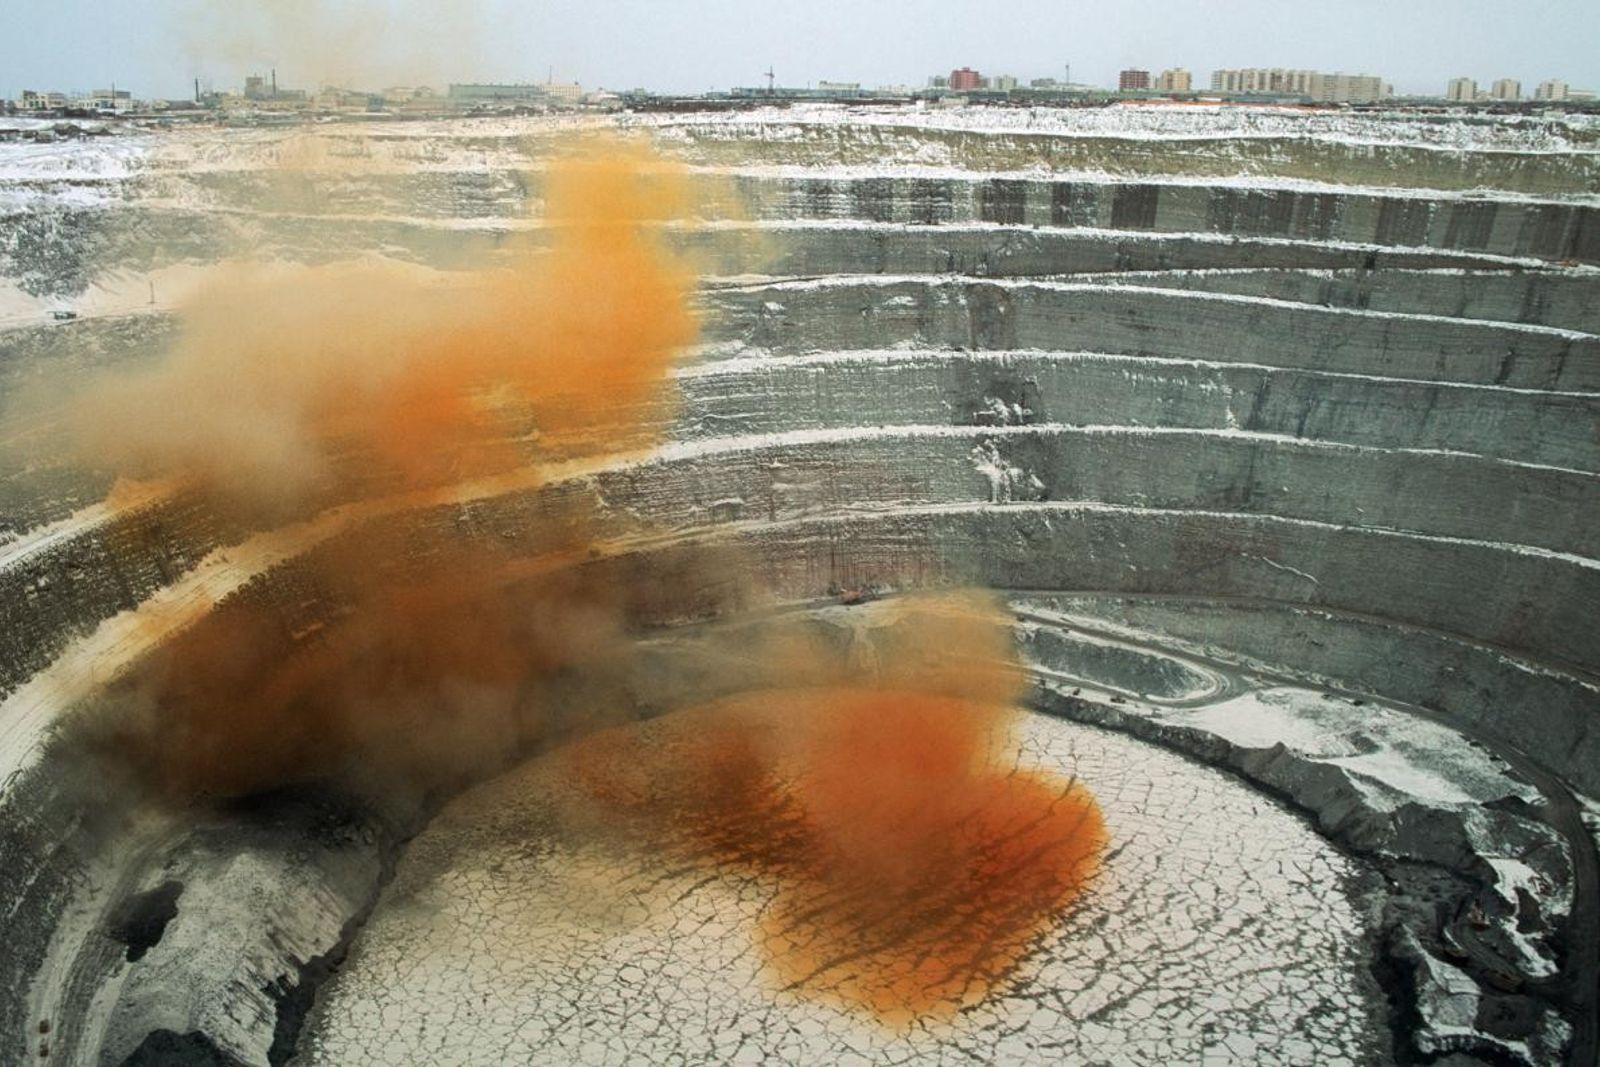 Des gaz toxiques émanent d'une mine de diamants, en Russie. Ils s'élèvent dans les airs après ...